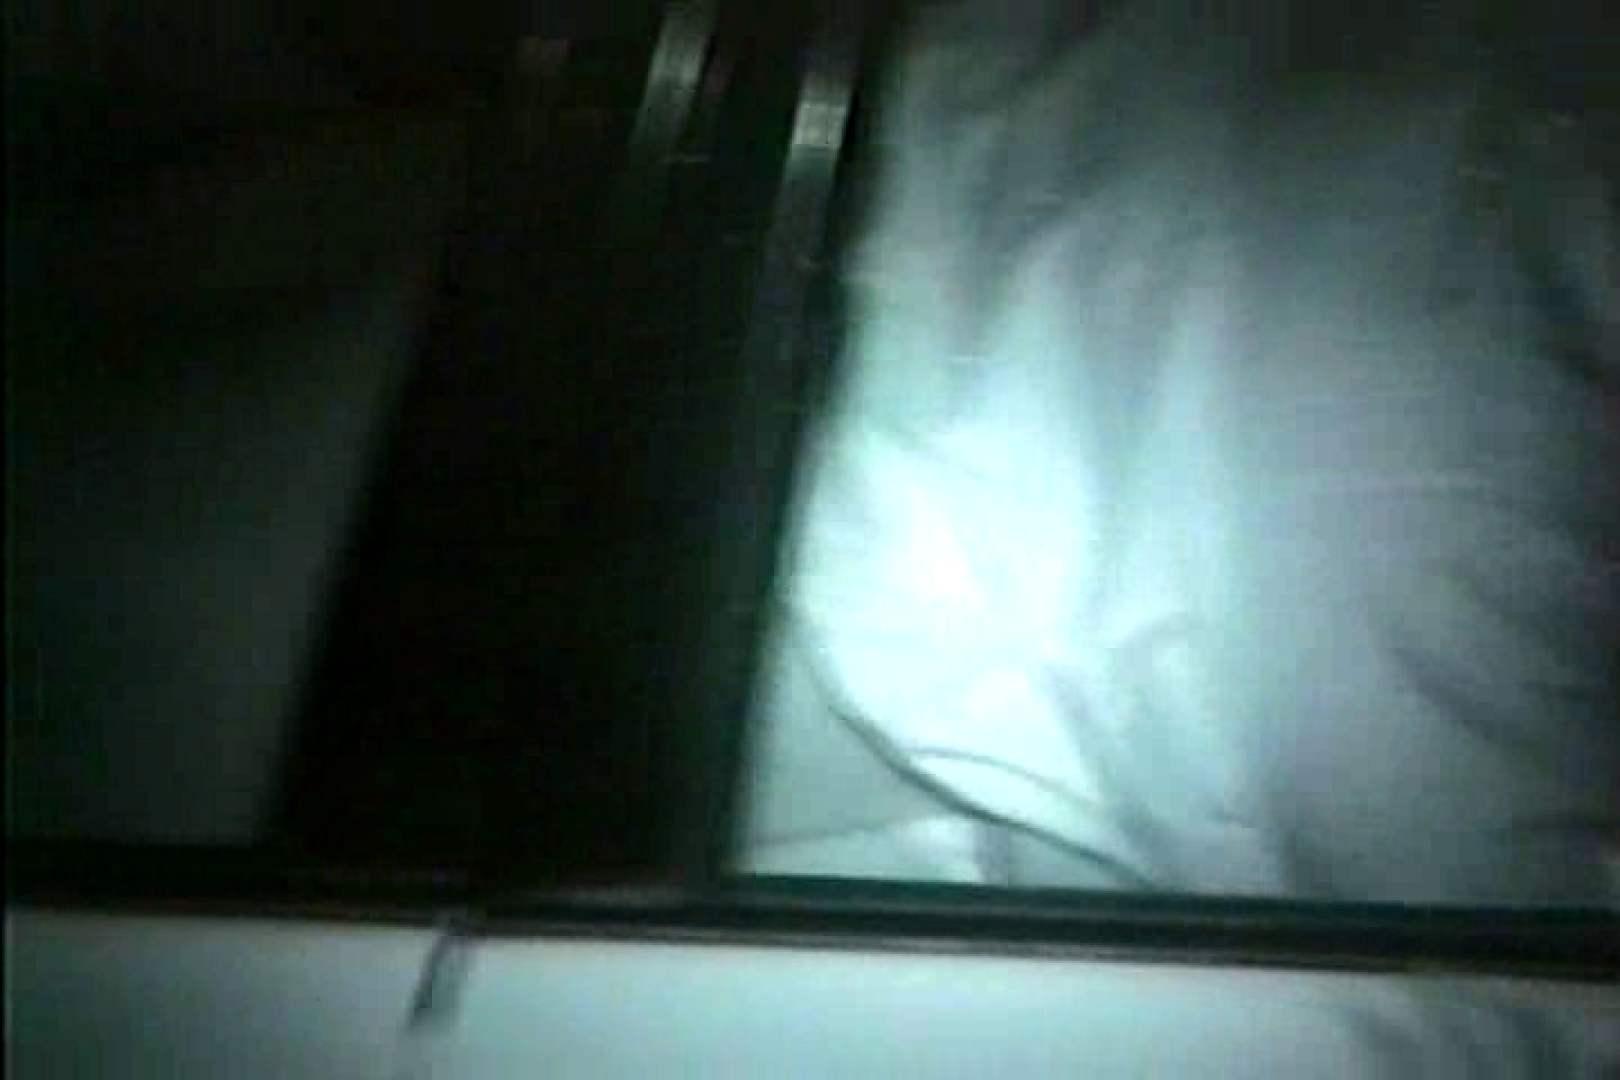 車の中はラブホテル 無修正版  Vol.6 名作 | 車  104pic 81